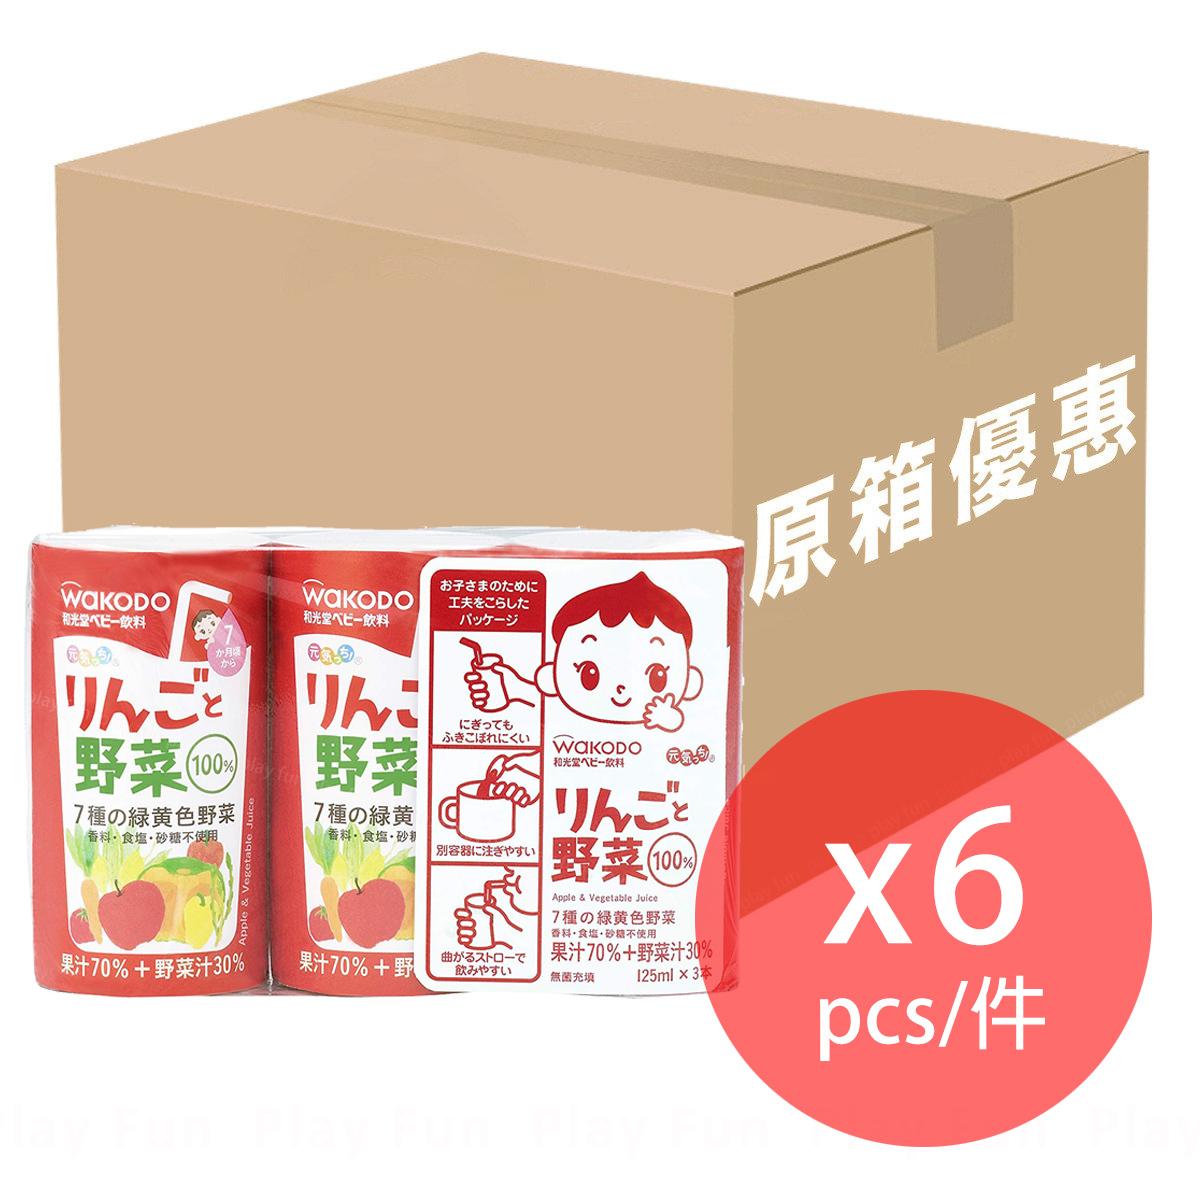 【Full Case】蘋果蔬菜汁 125ml 3瓶裝 x 6件  (4987244150455_6)